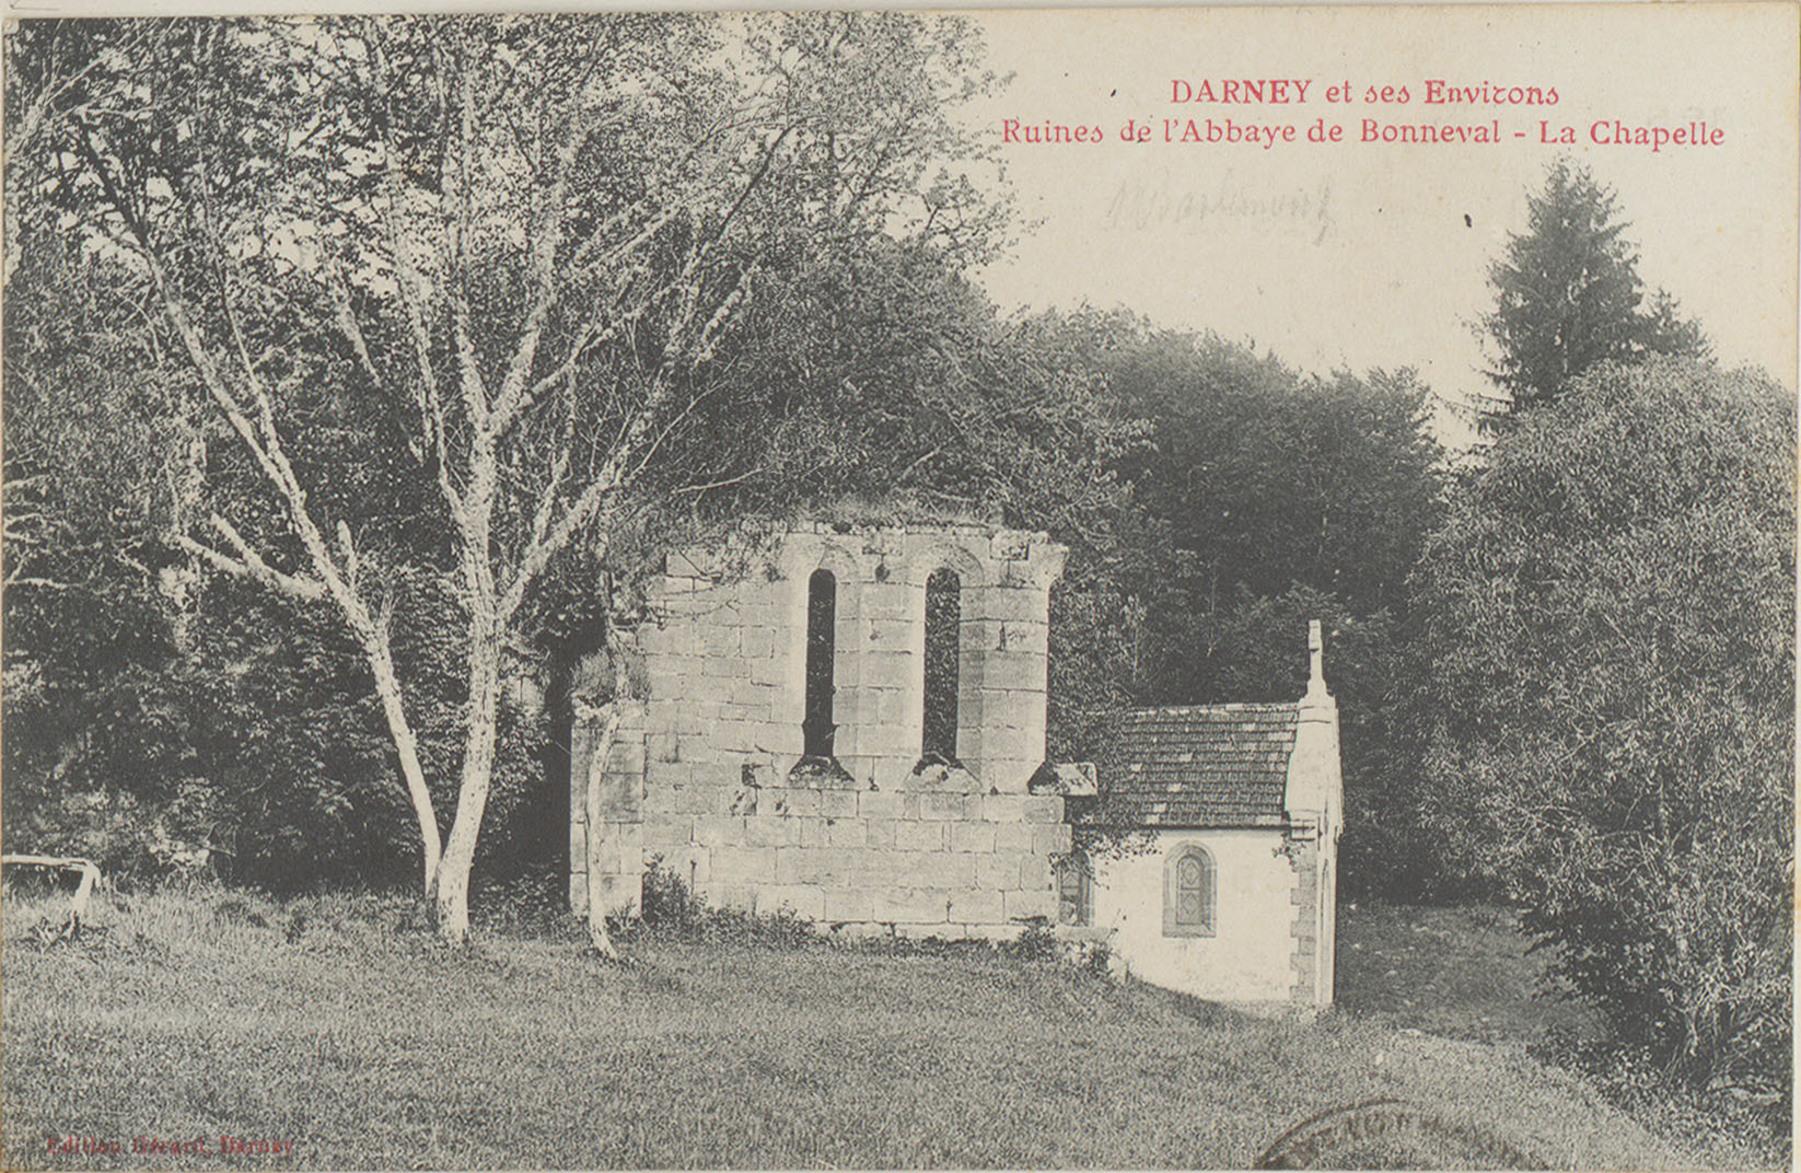 Contenu du Darney et ses environs, Ruines de l'Abbaye de Bonneval, La Chapelle